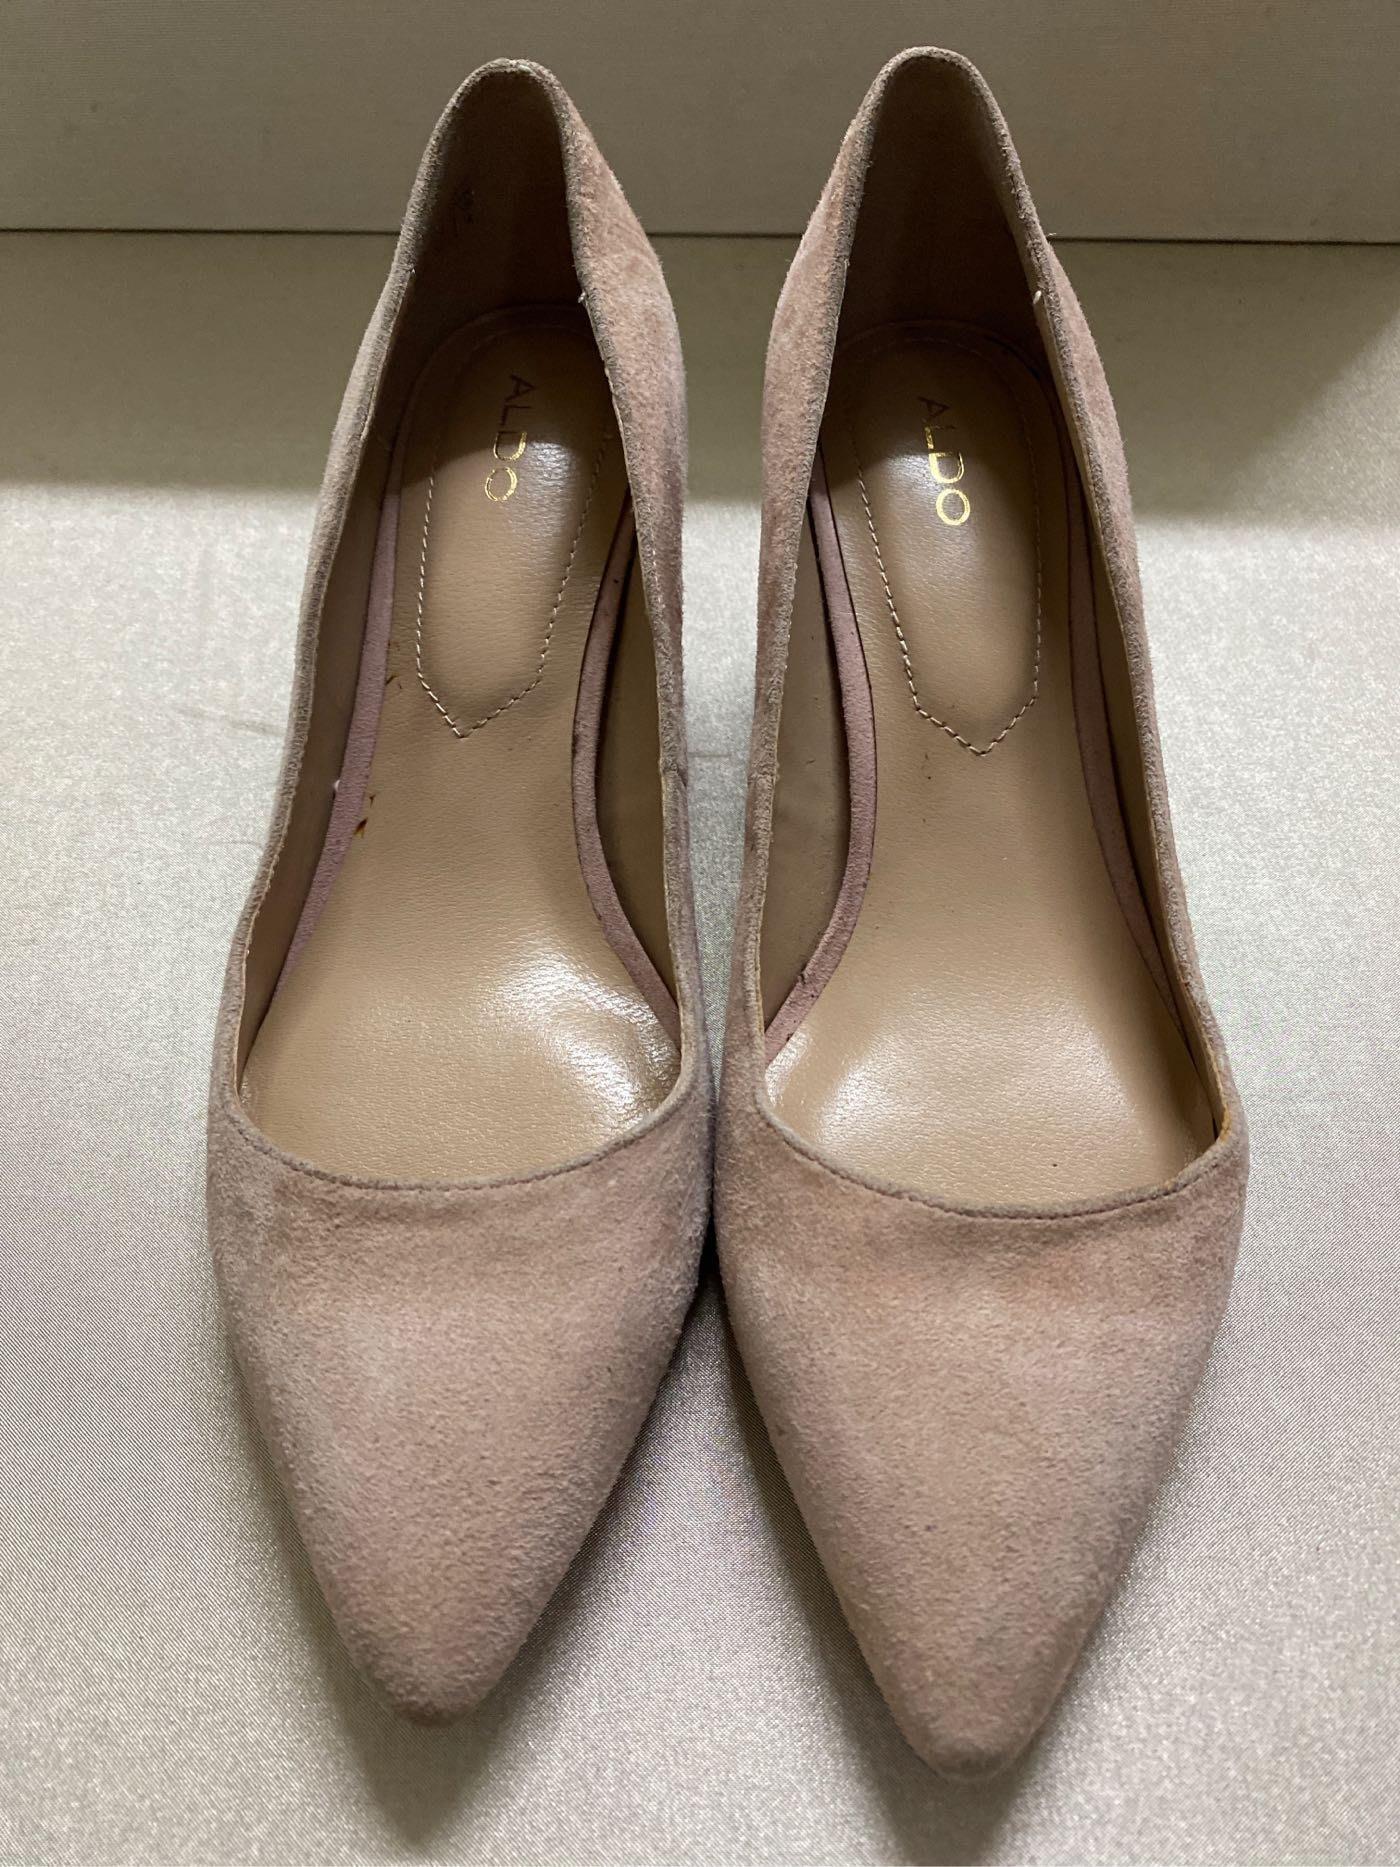 ALDO雞皮粉紅色尖頭包鞋/鞋後方跟/撞色鞋/前包高跟鞋